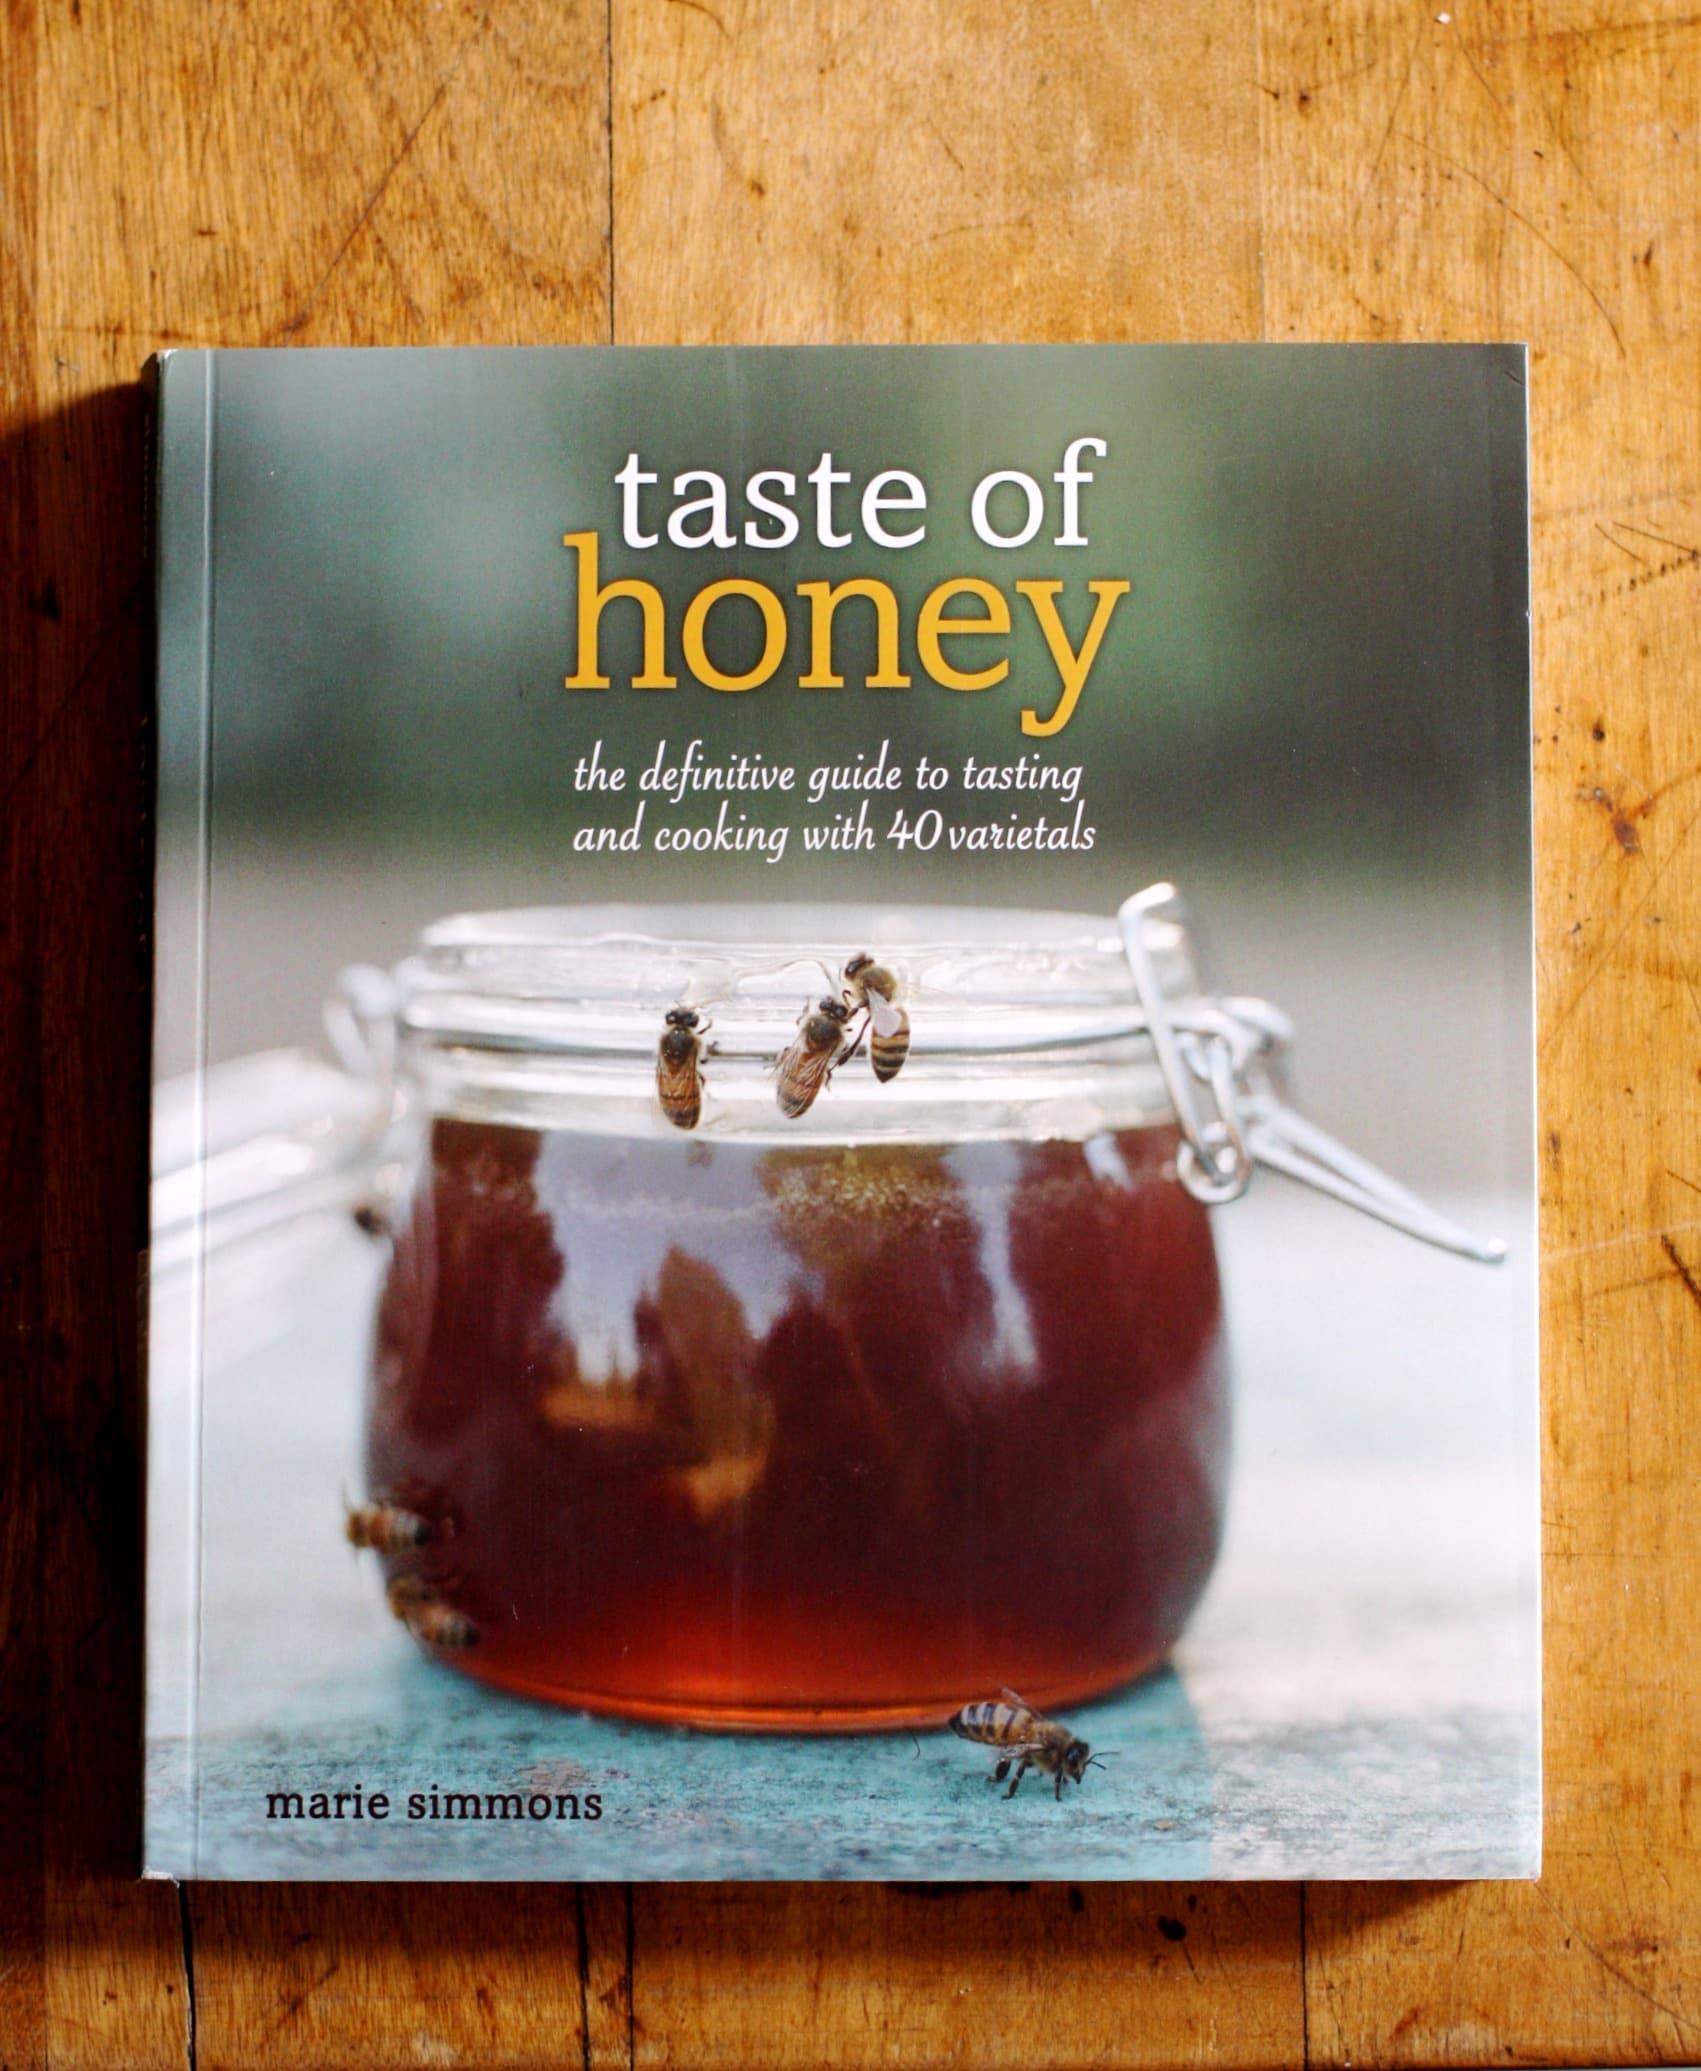 Taste of Honey by Marie Simmons